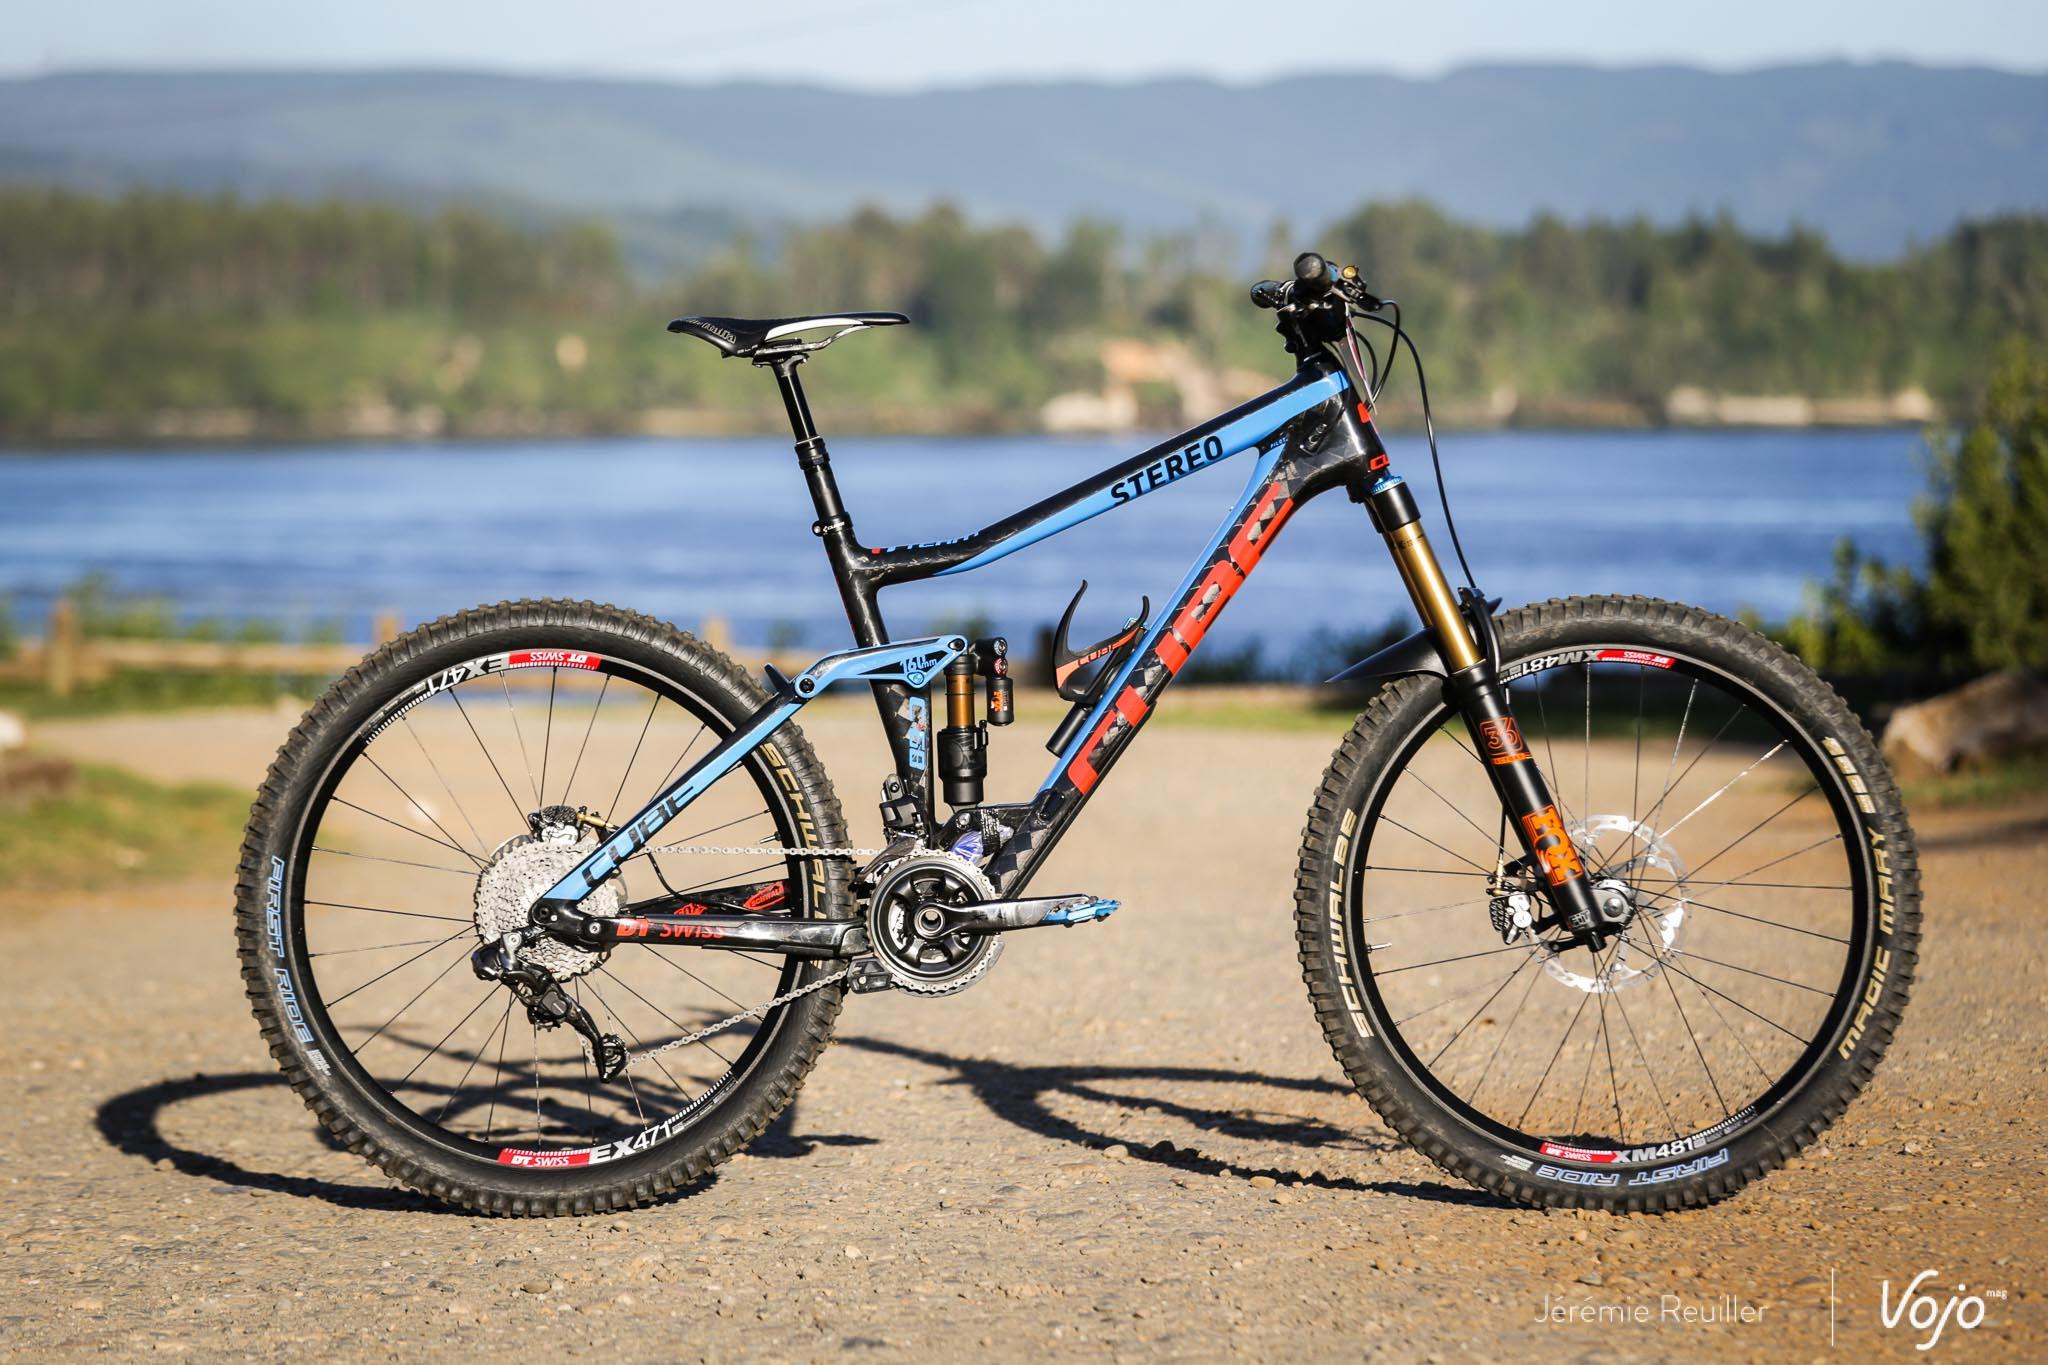 Bike_Check_EWS_Nicolas_Lau_Cube_C68_Copyright_Reuiller_Vojomag-1